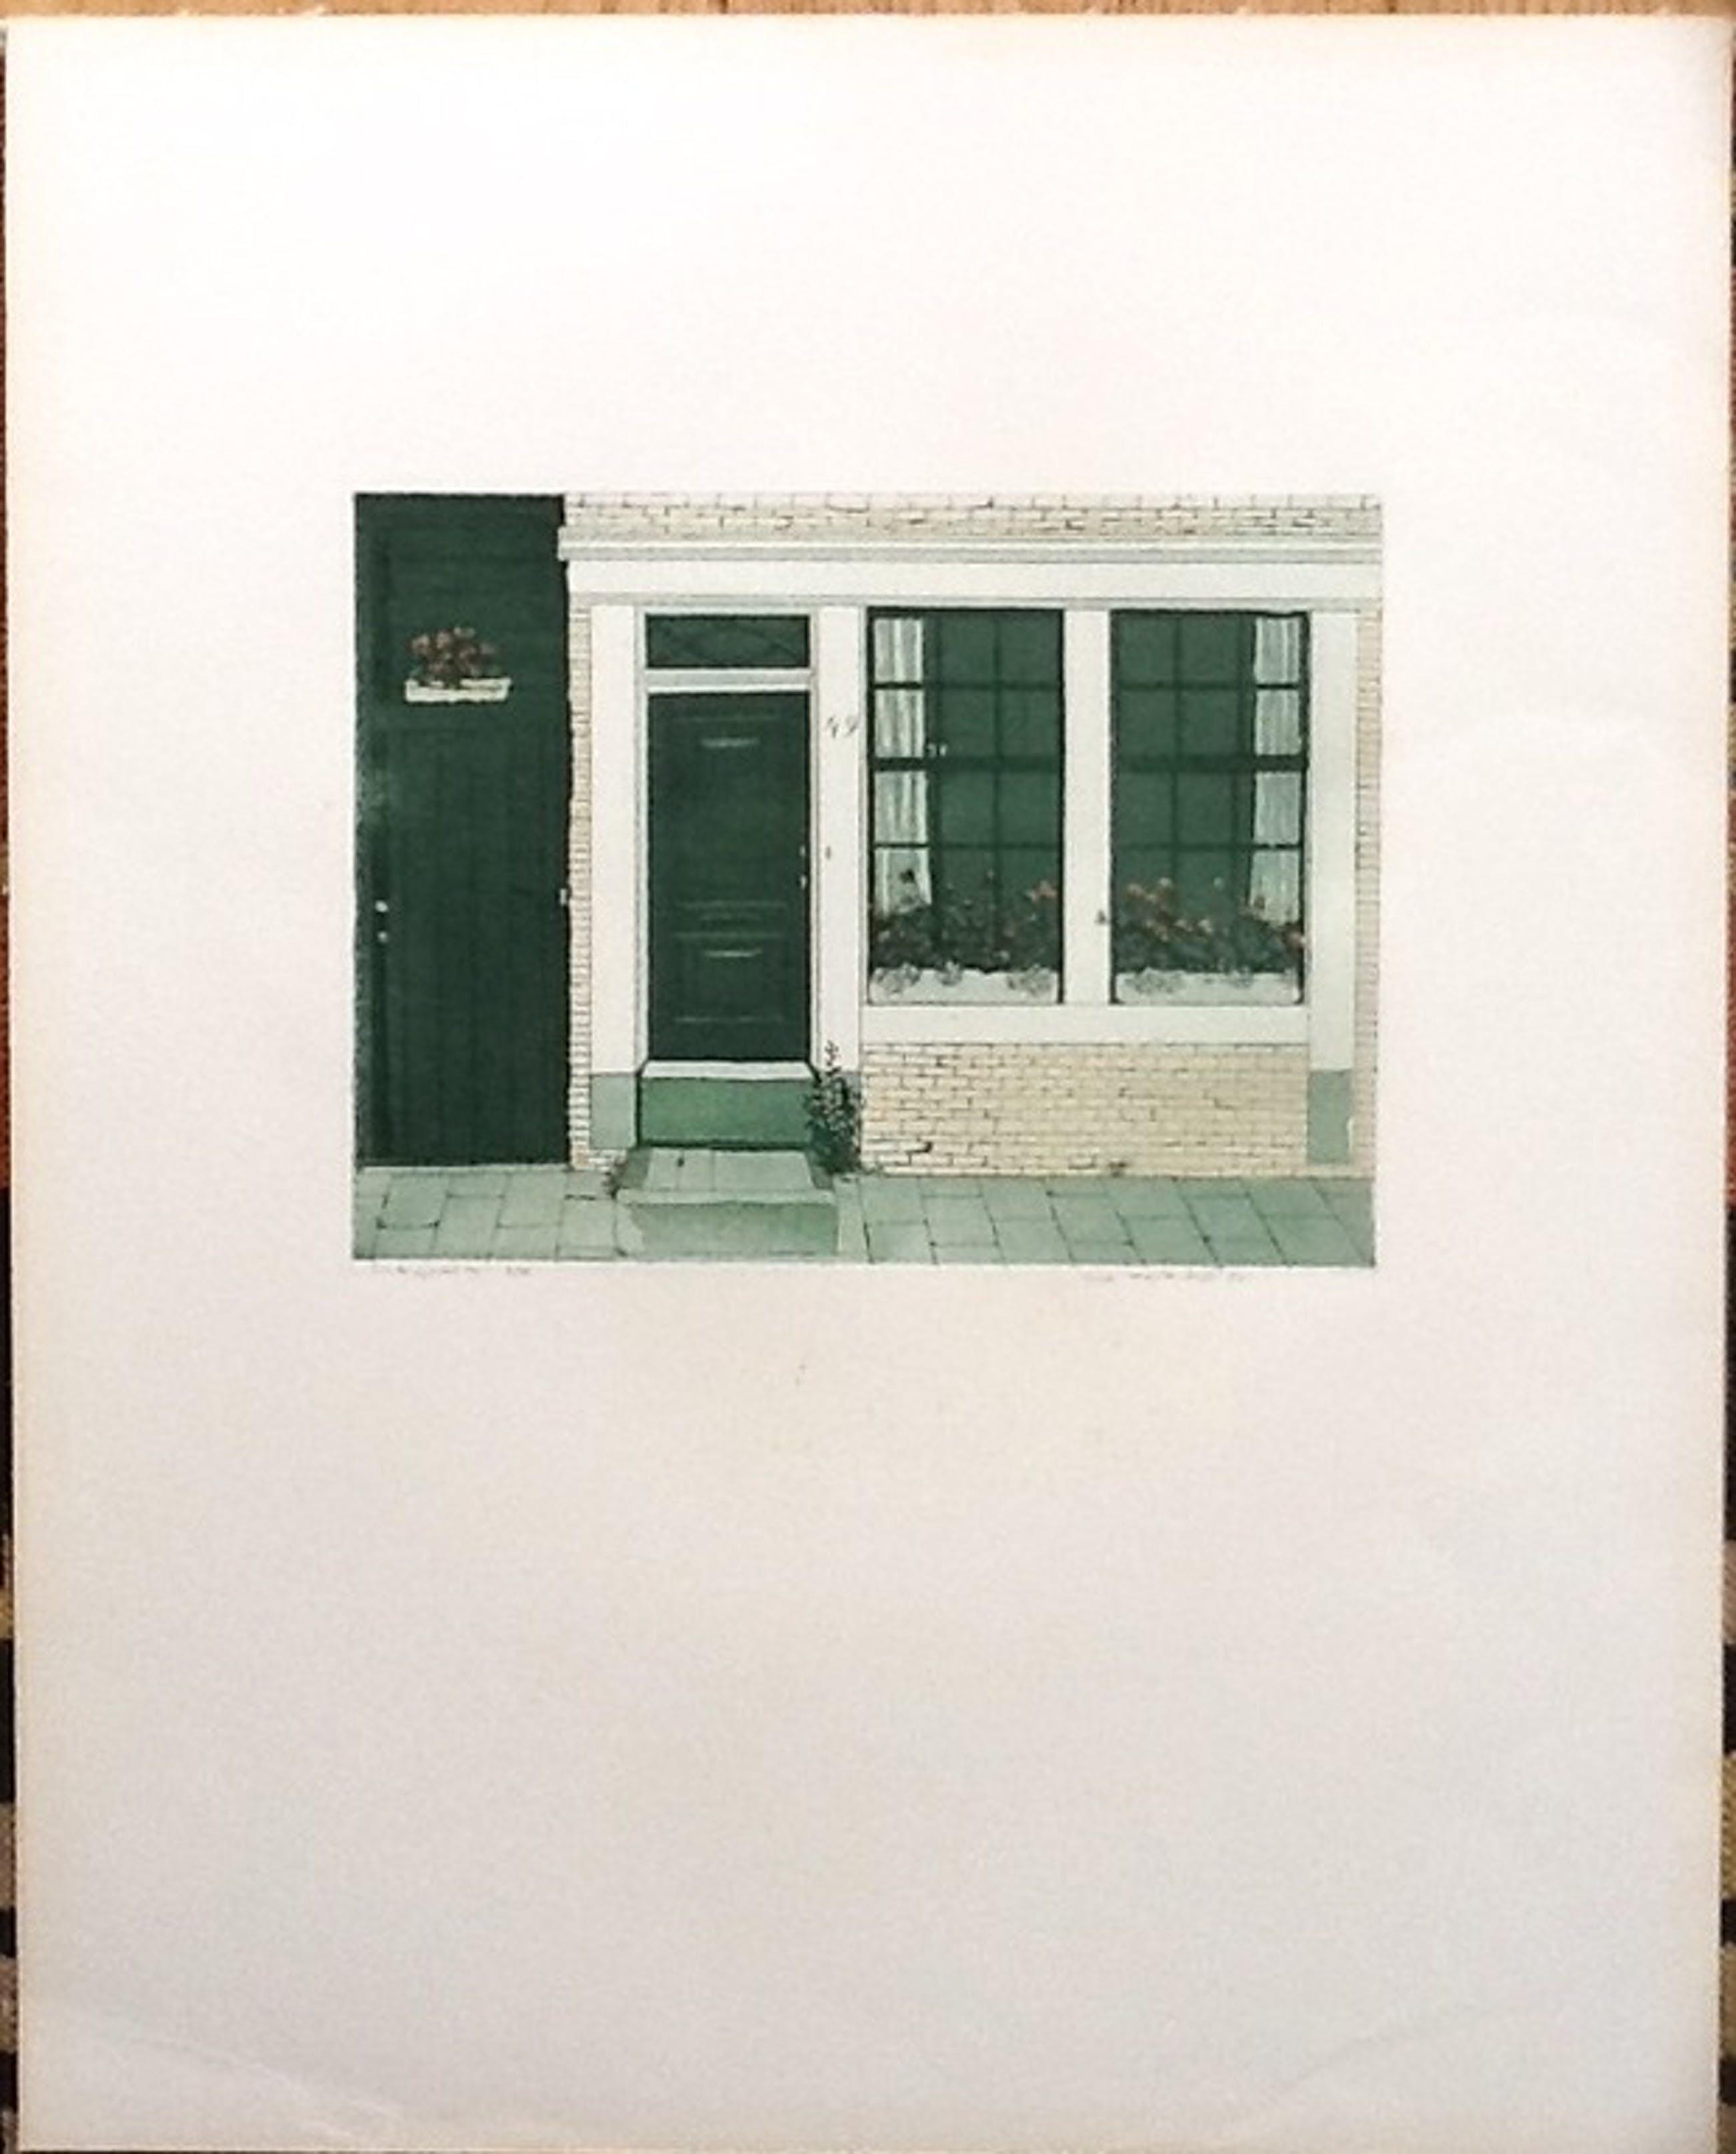 Lucie Meulendijks, ets en aquatint ,Lindengracht Amsterdam, 8/75 gesigneerd kopen? Bied vanaf 25!